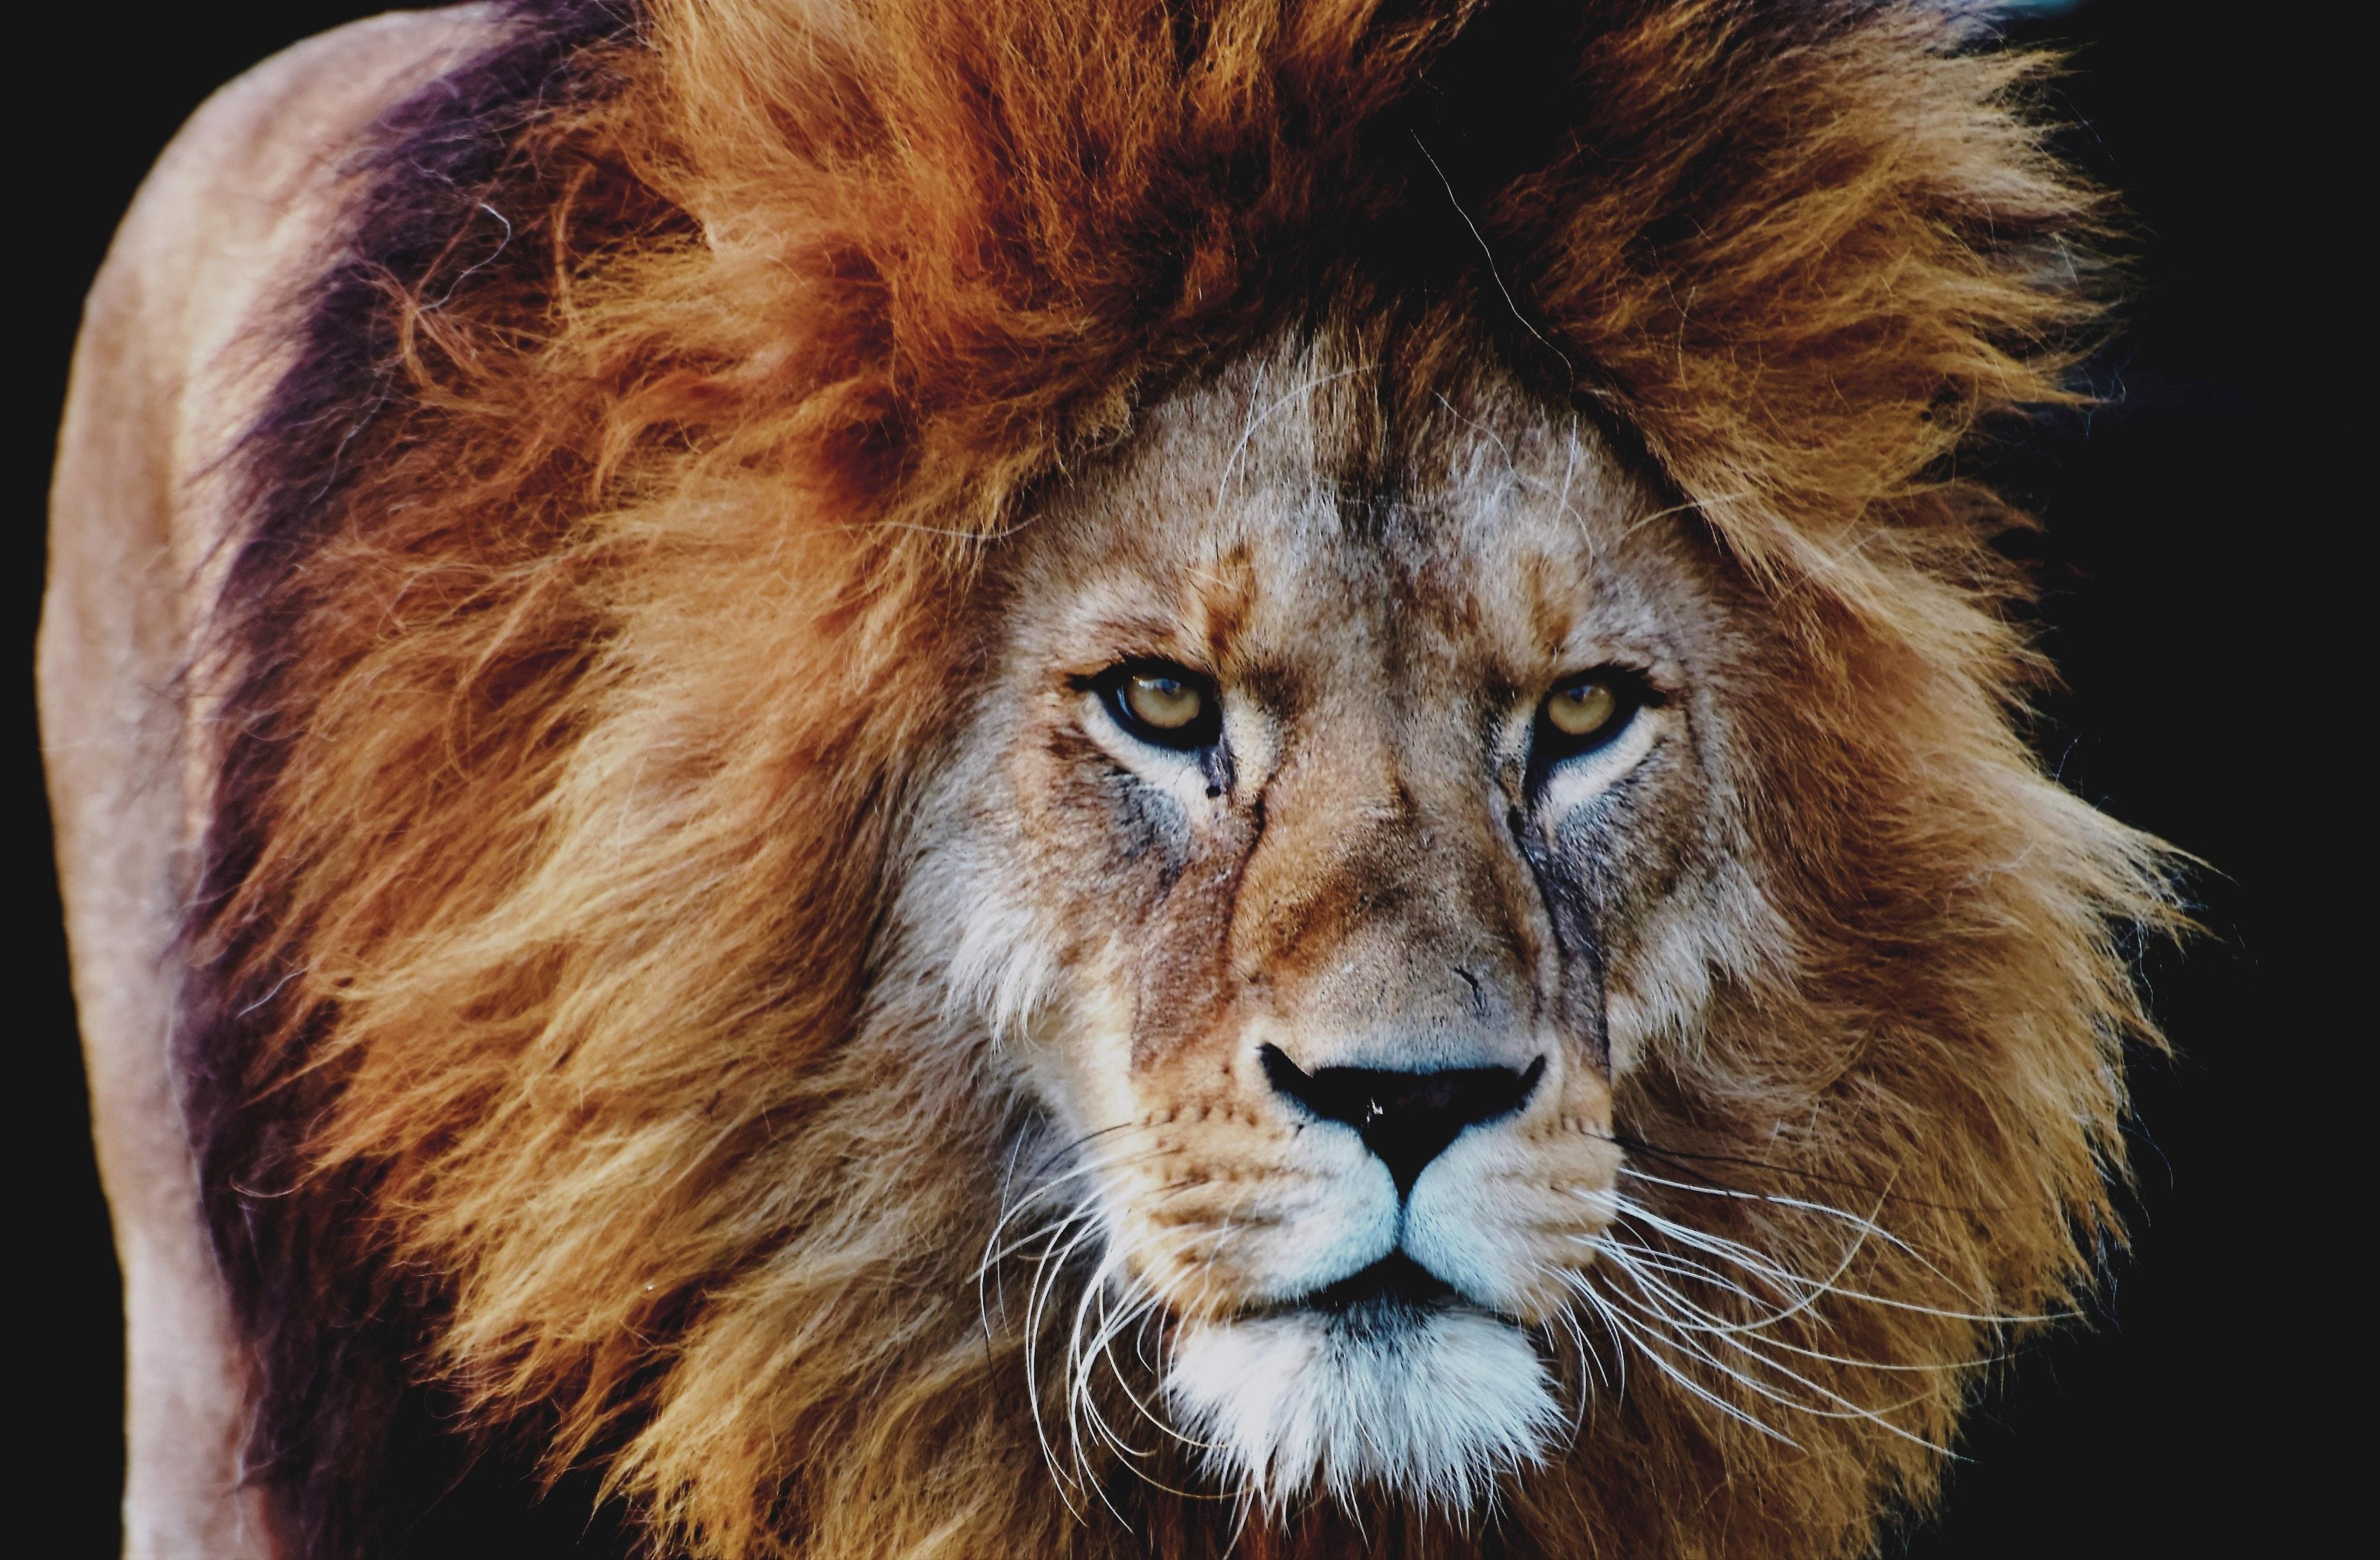 СК организовал проверку по факту нападения льва на ребенка в Успенском районе